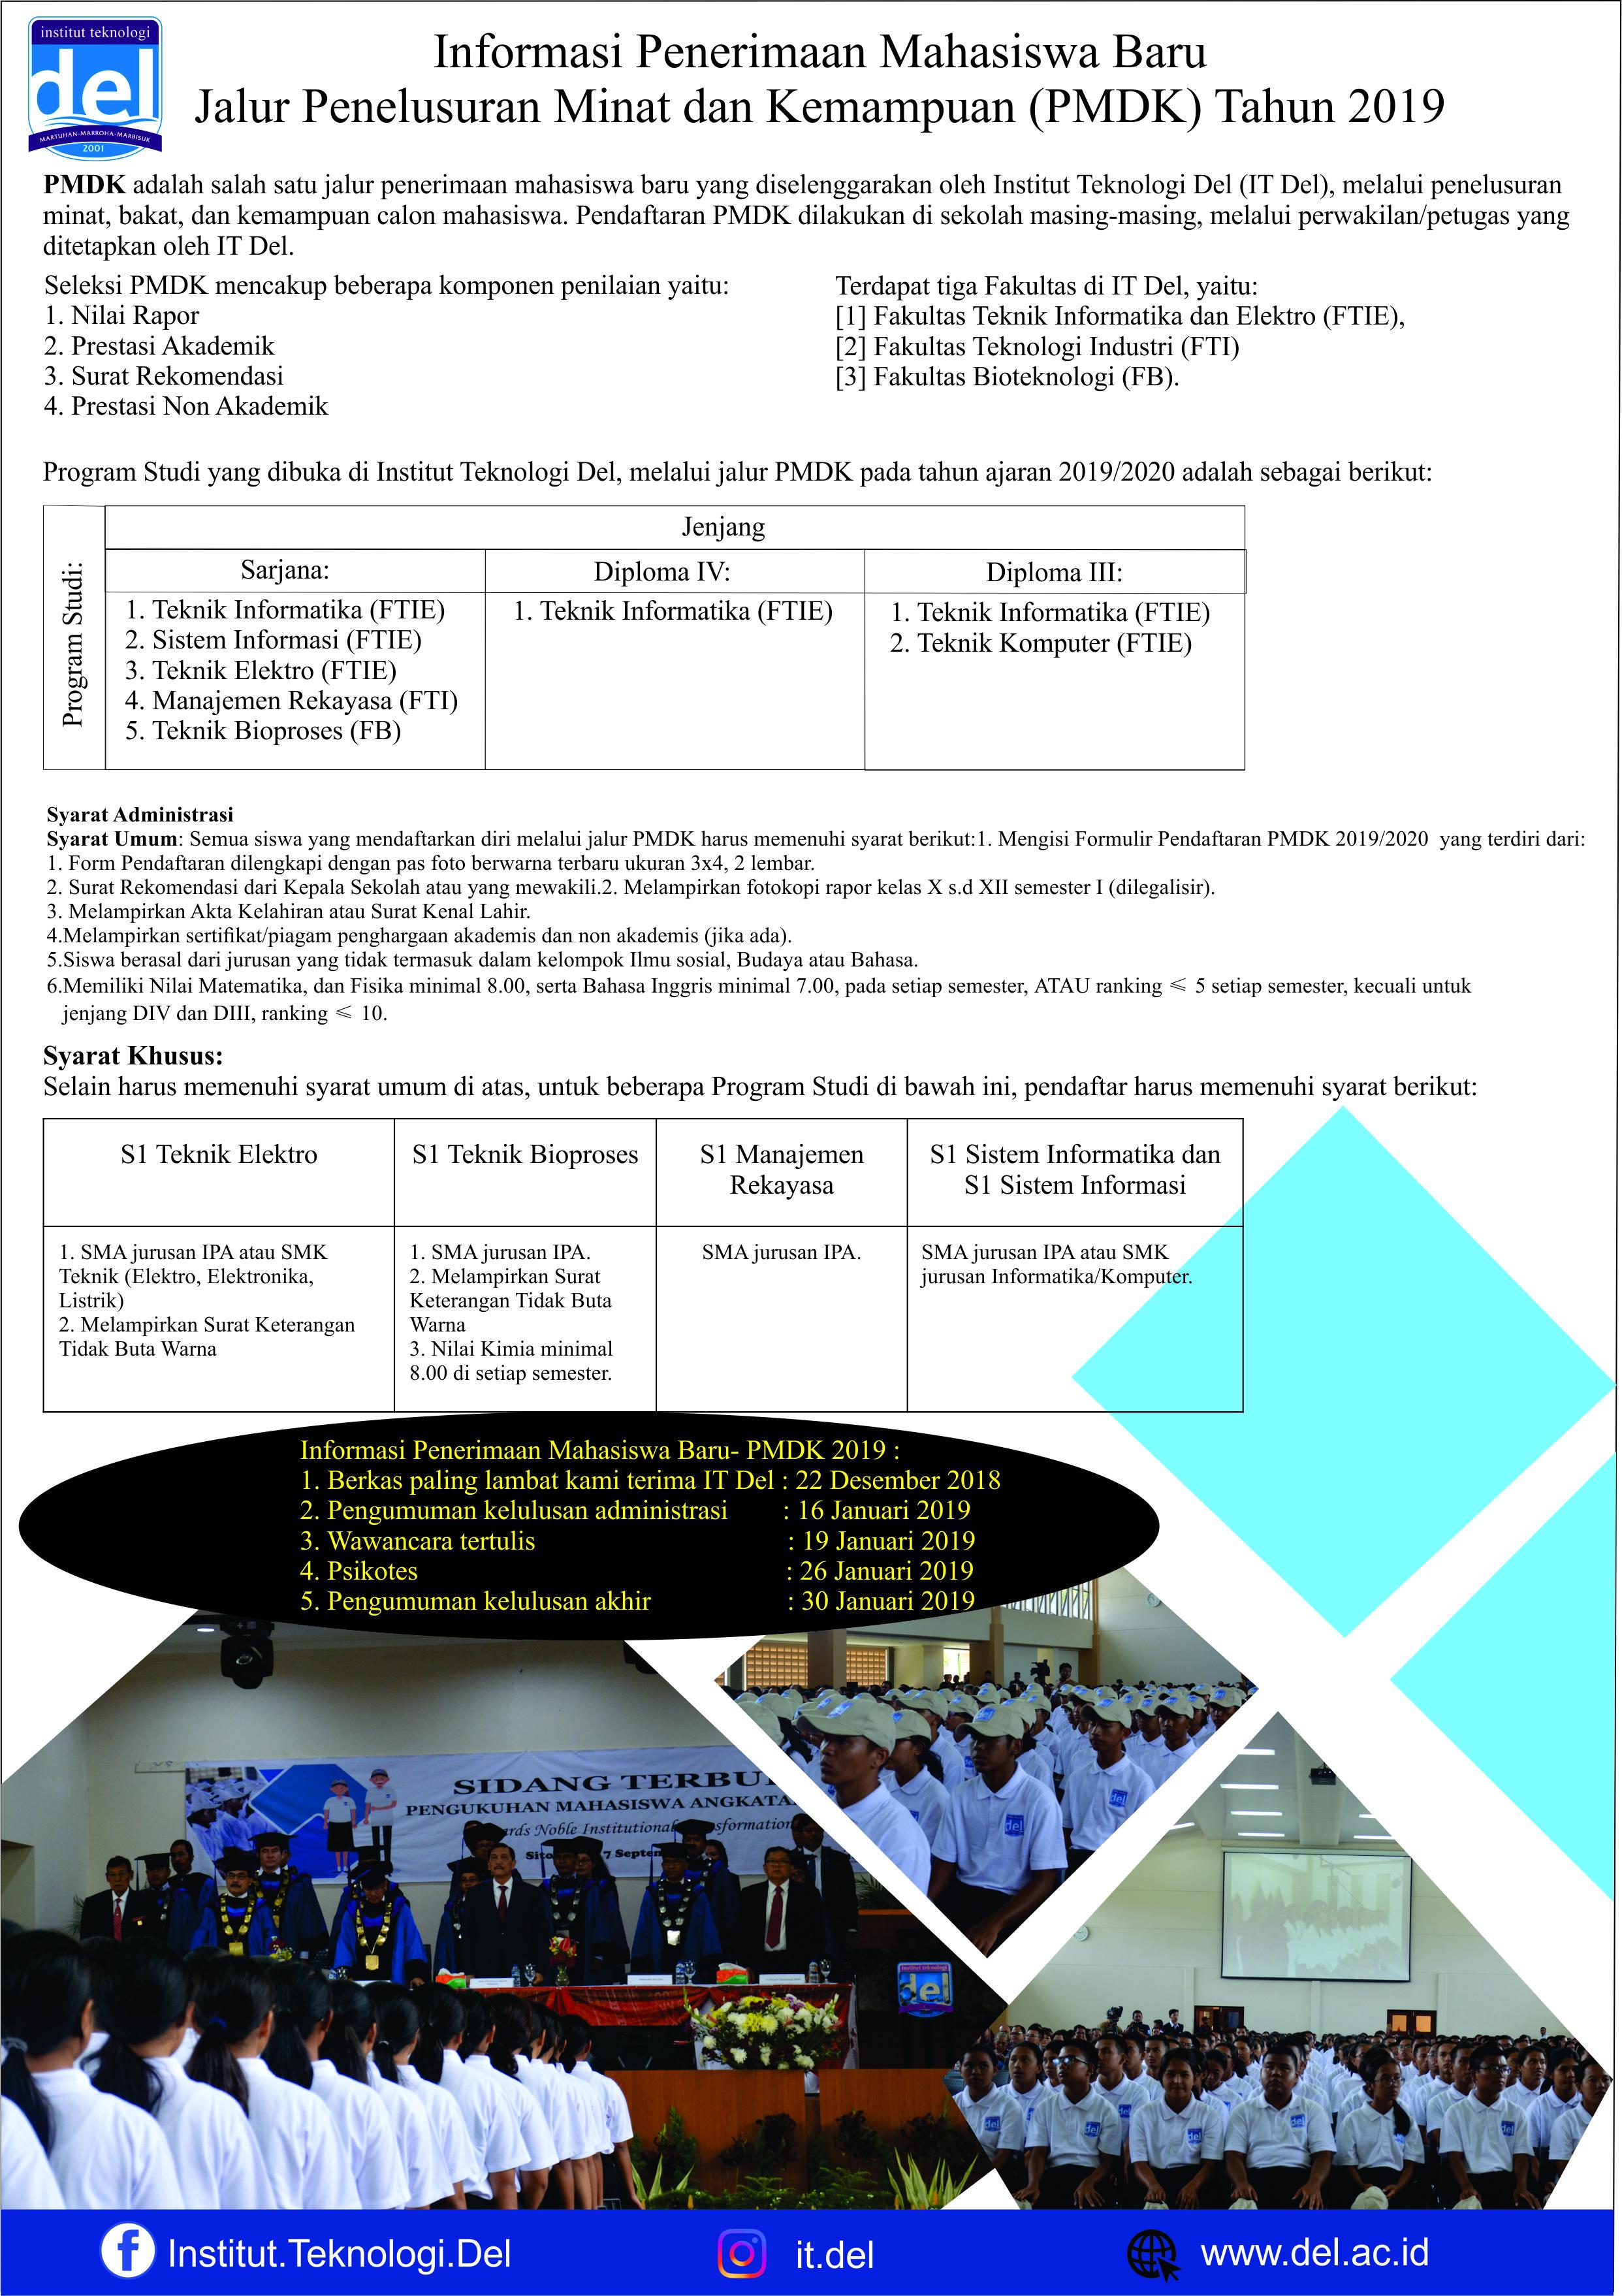 Informasi Penerimaan Mahasiswa Baru  Jalur Penelusuran Minat dan Kemampuan (PMDK) Tahun 2019